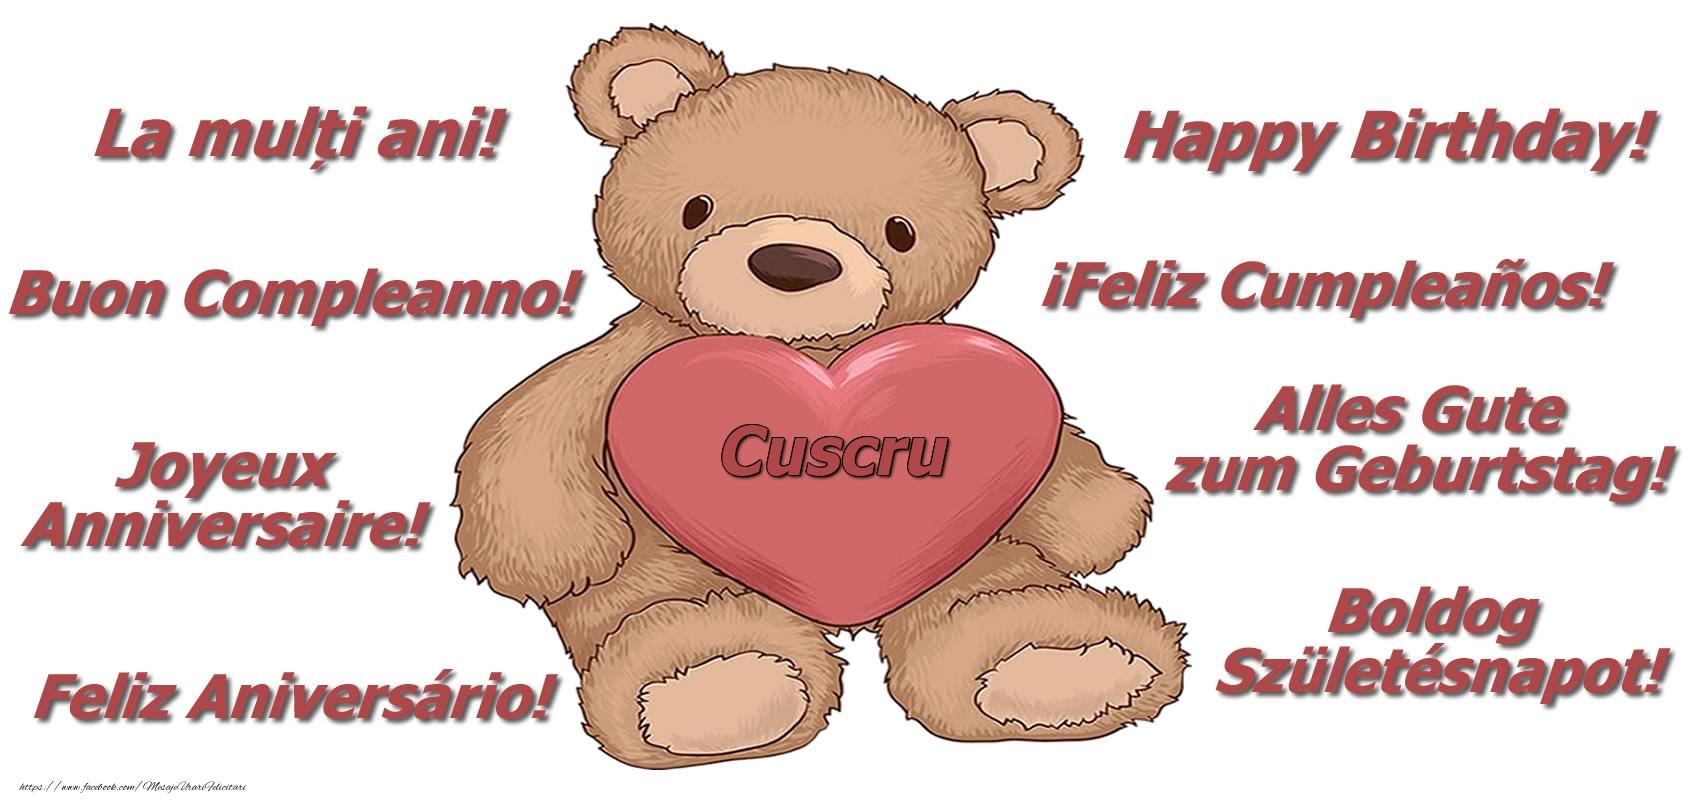 Felicitari de zi de nastere pentru Cuscru - La multi ani cuscru! - Ursulet